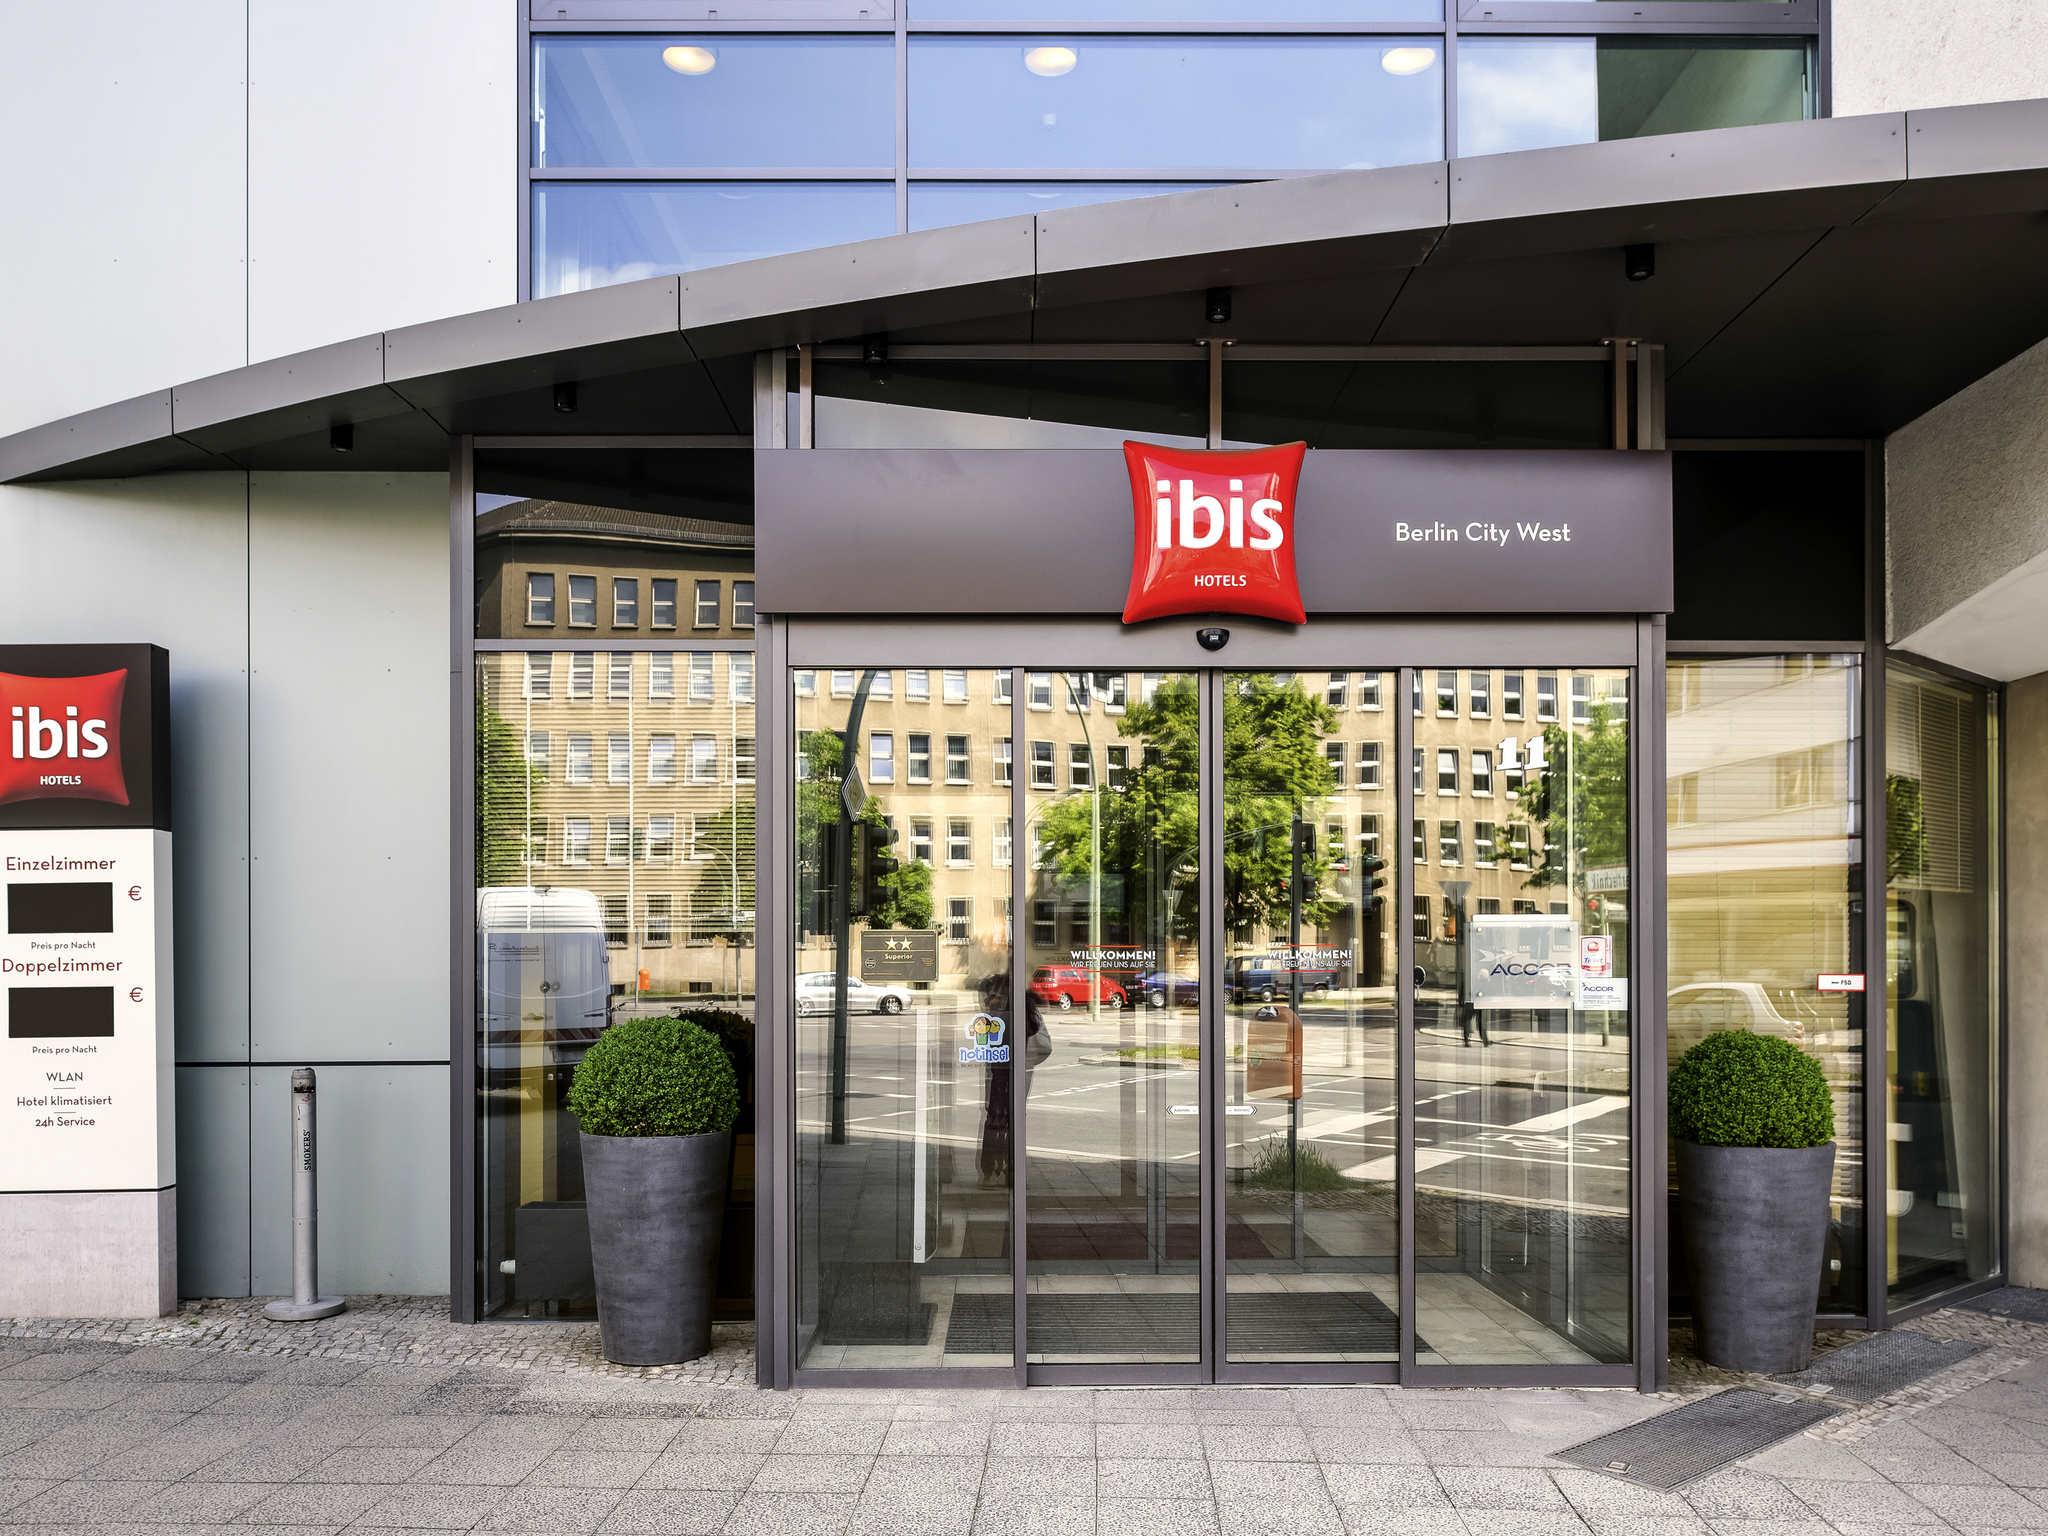 IBIS BERLIN CITY WEST HOTEL